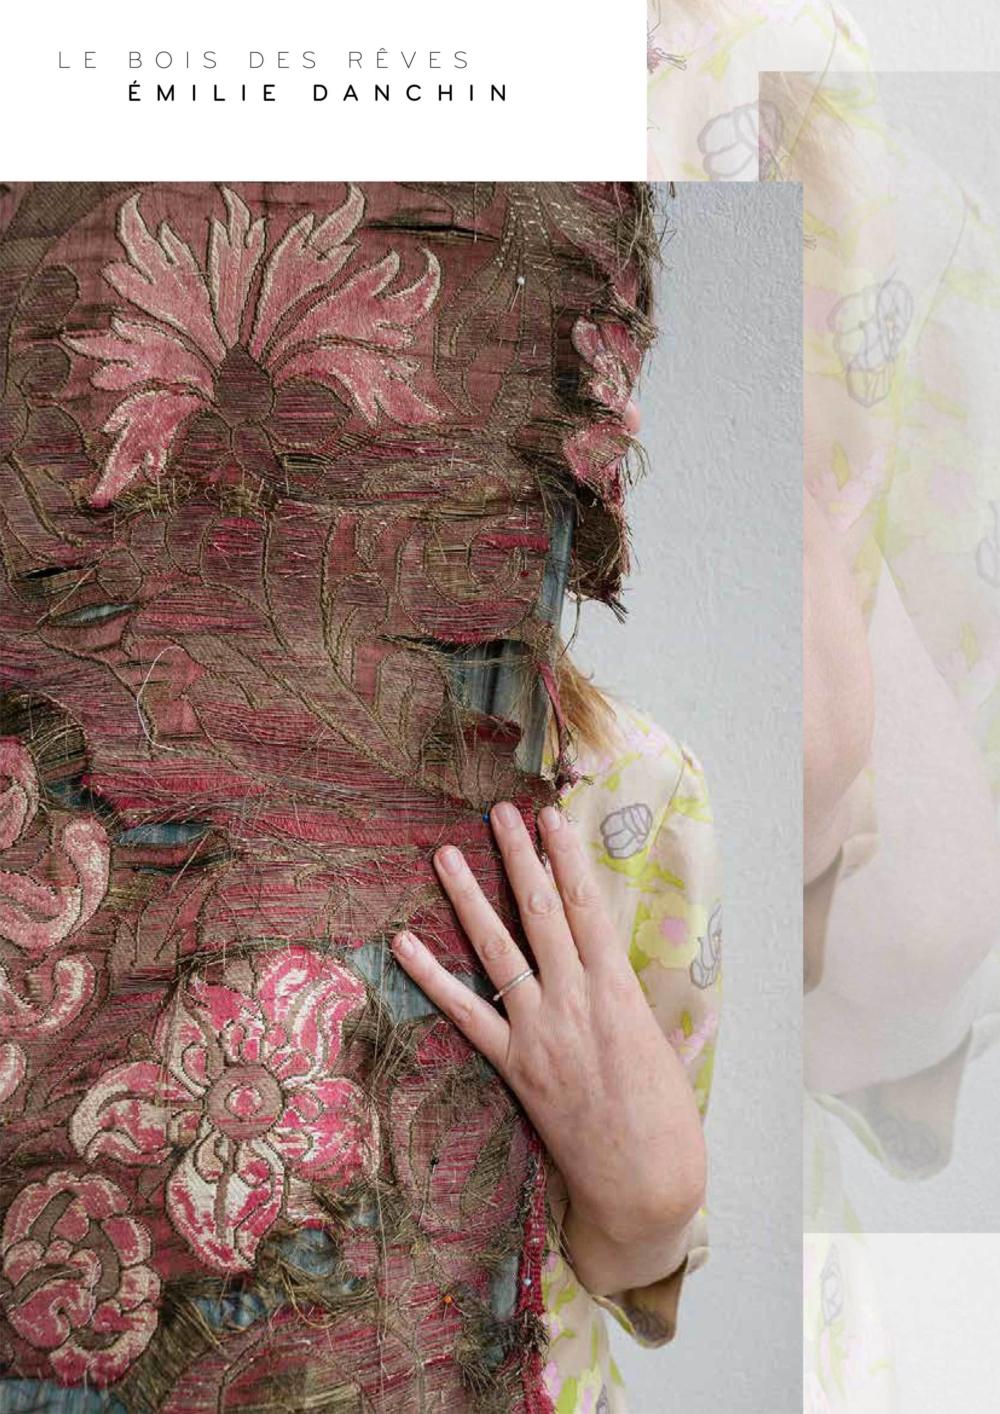 Le Bois des Rêves, livre photo d'Émilie Danchin (auto-édition, graphisme Catherine De Cocq, texte et photo Émilie Danchin) / couverture